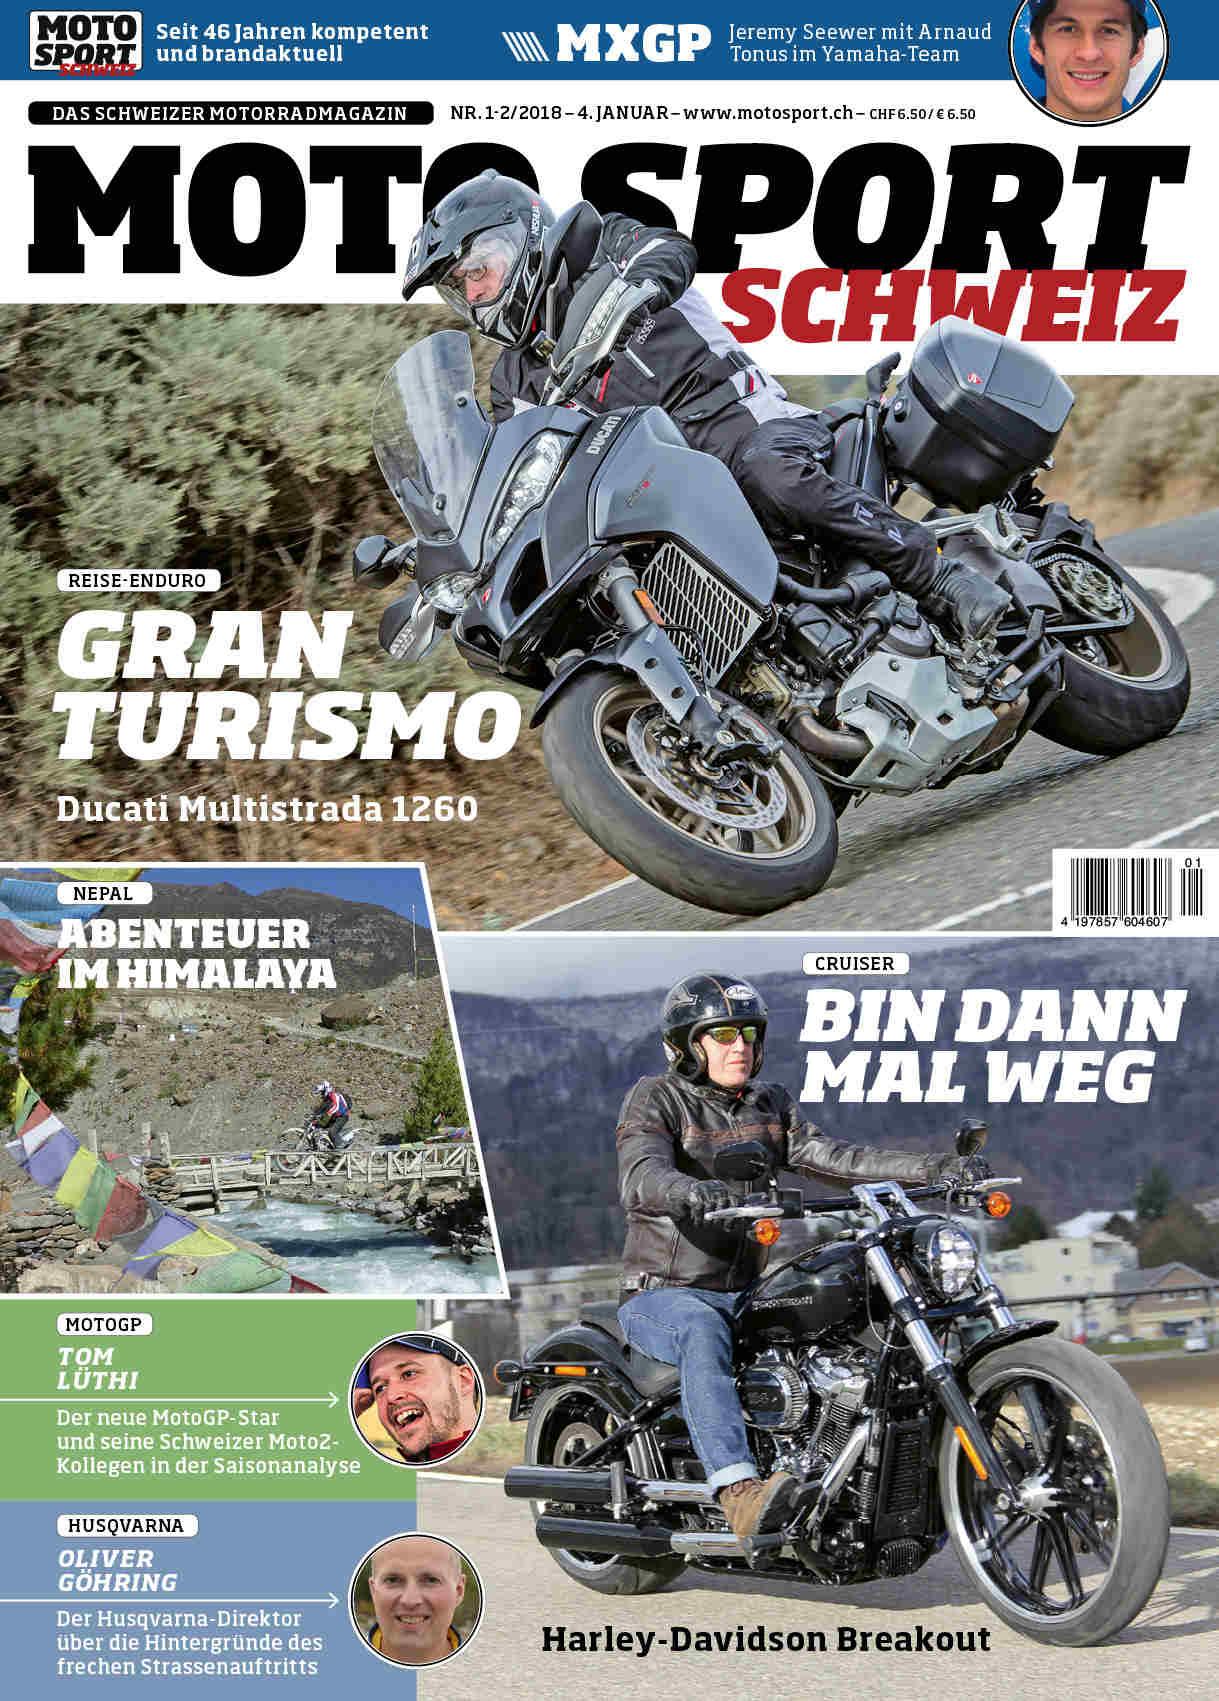 schweiz sport moto zeitschrift zeitschriften ch motorrad alle abo abos 1152 geo